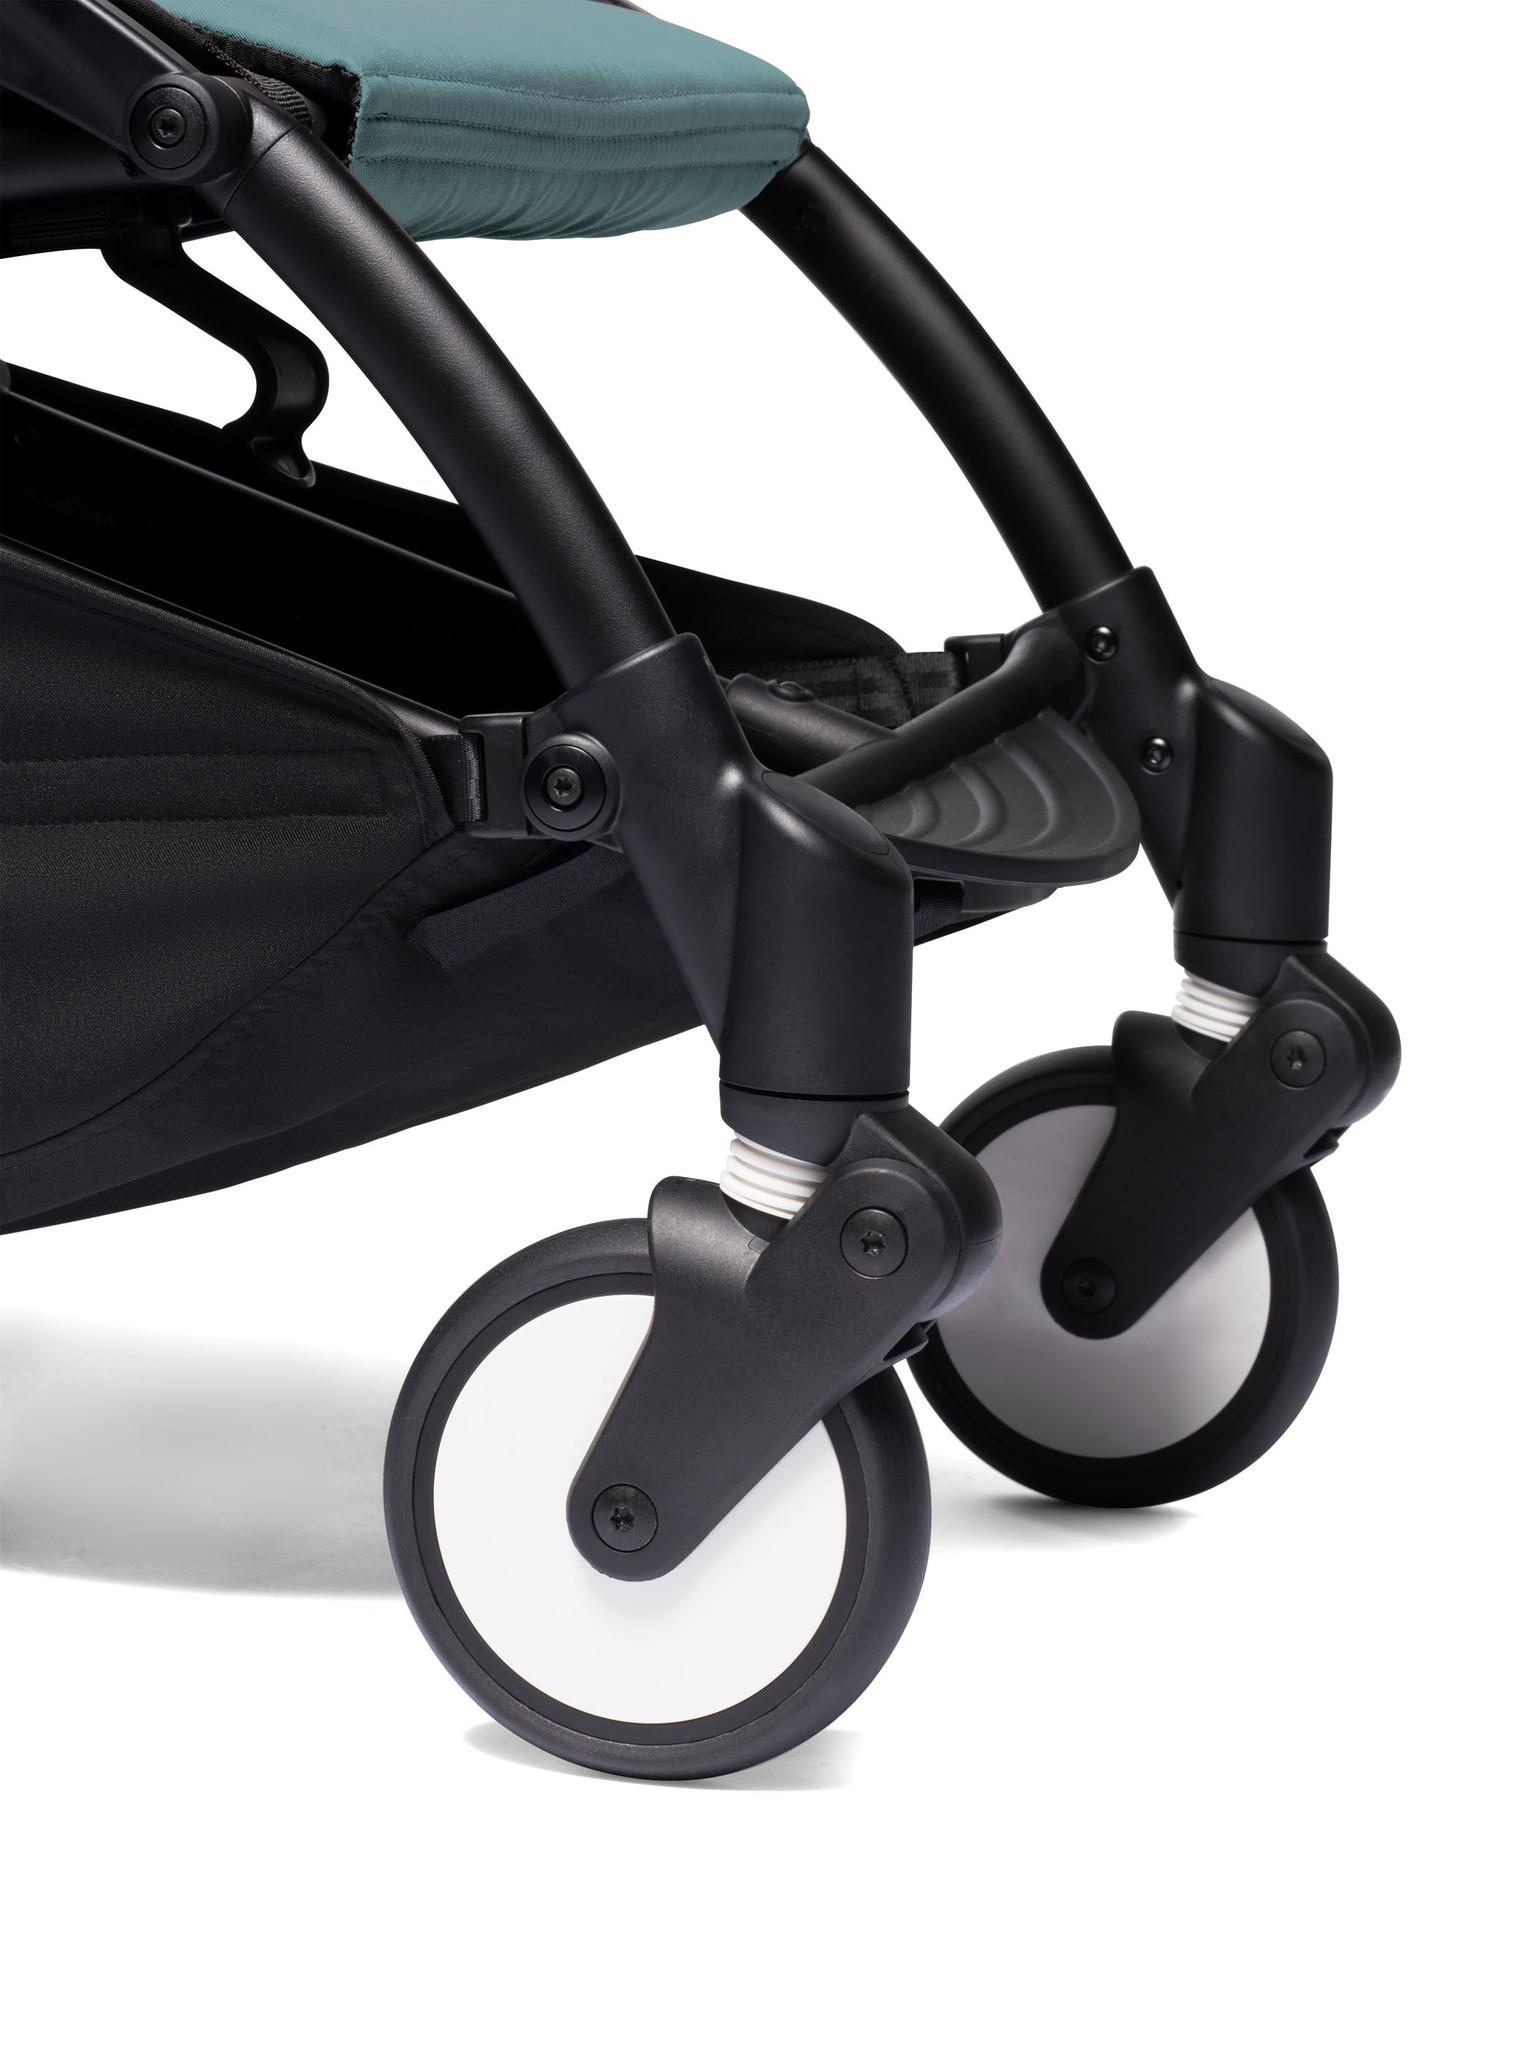 Babyzen Babyzen YOYO² Buggy ab 6 Monaten inklusive Beinstütze - Aqua mit weißem Rahmen